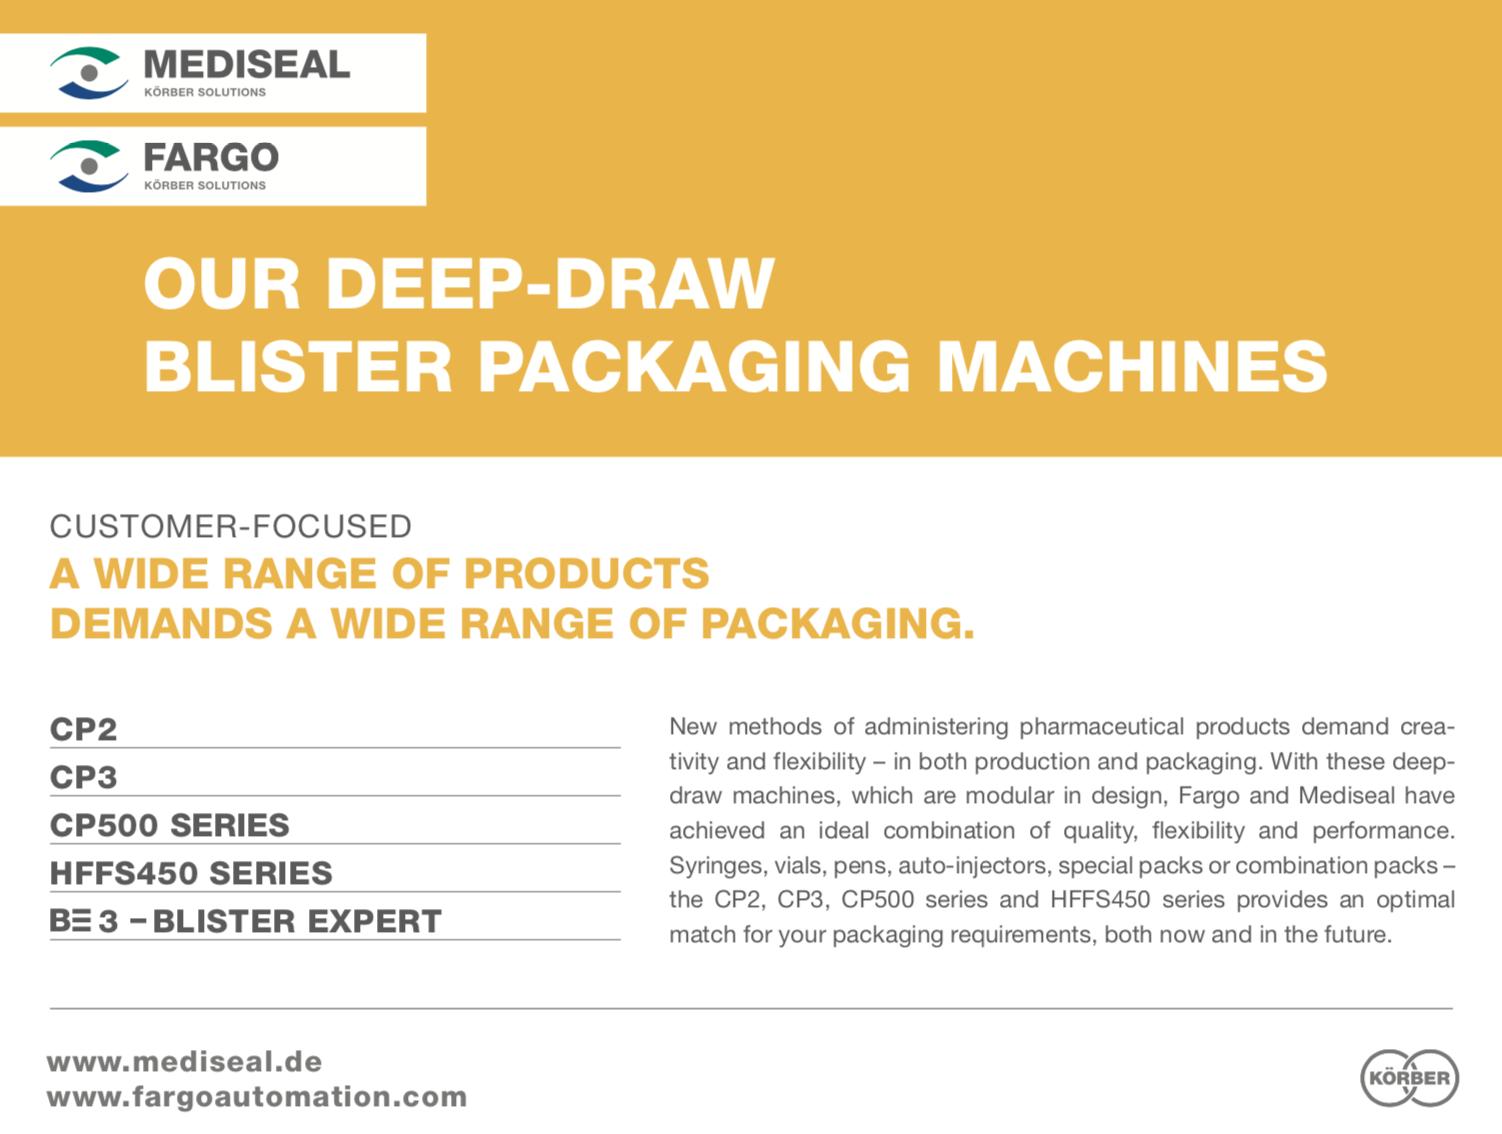 Mediseal Deep-Draw Blister Packaging Machines